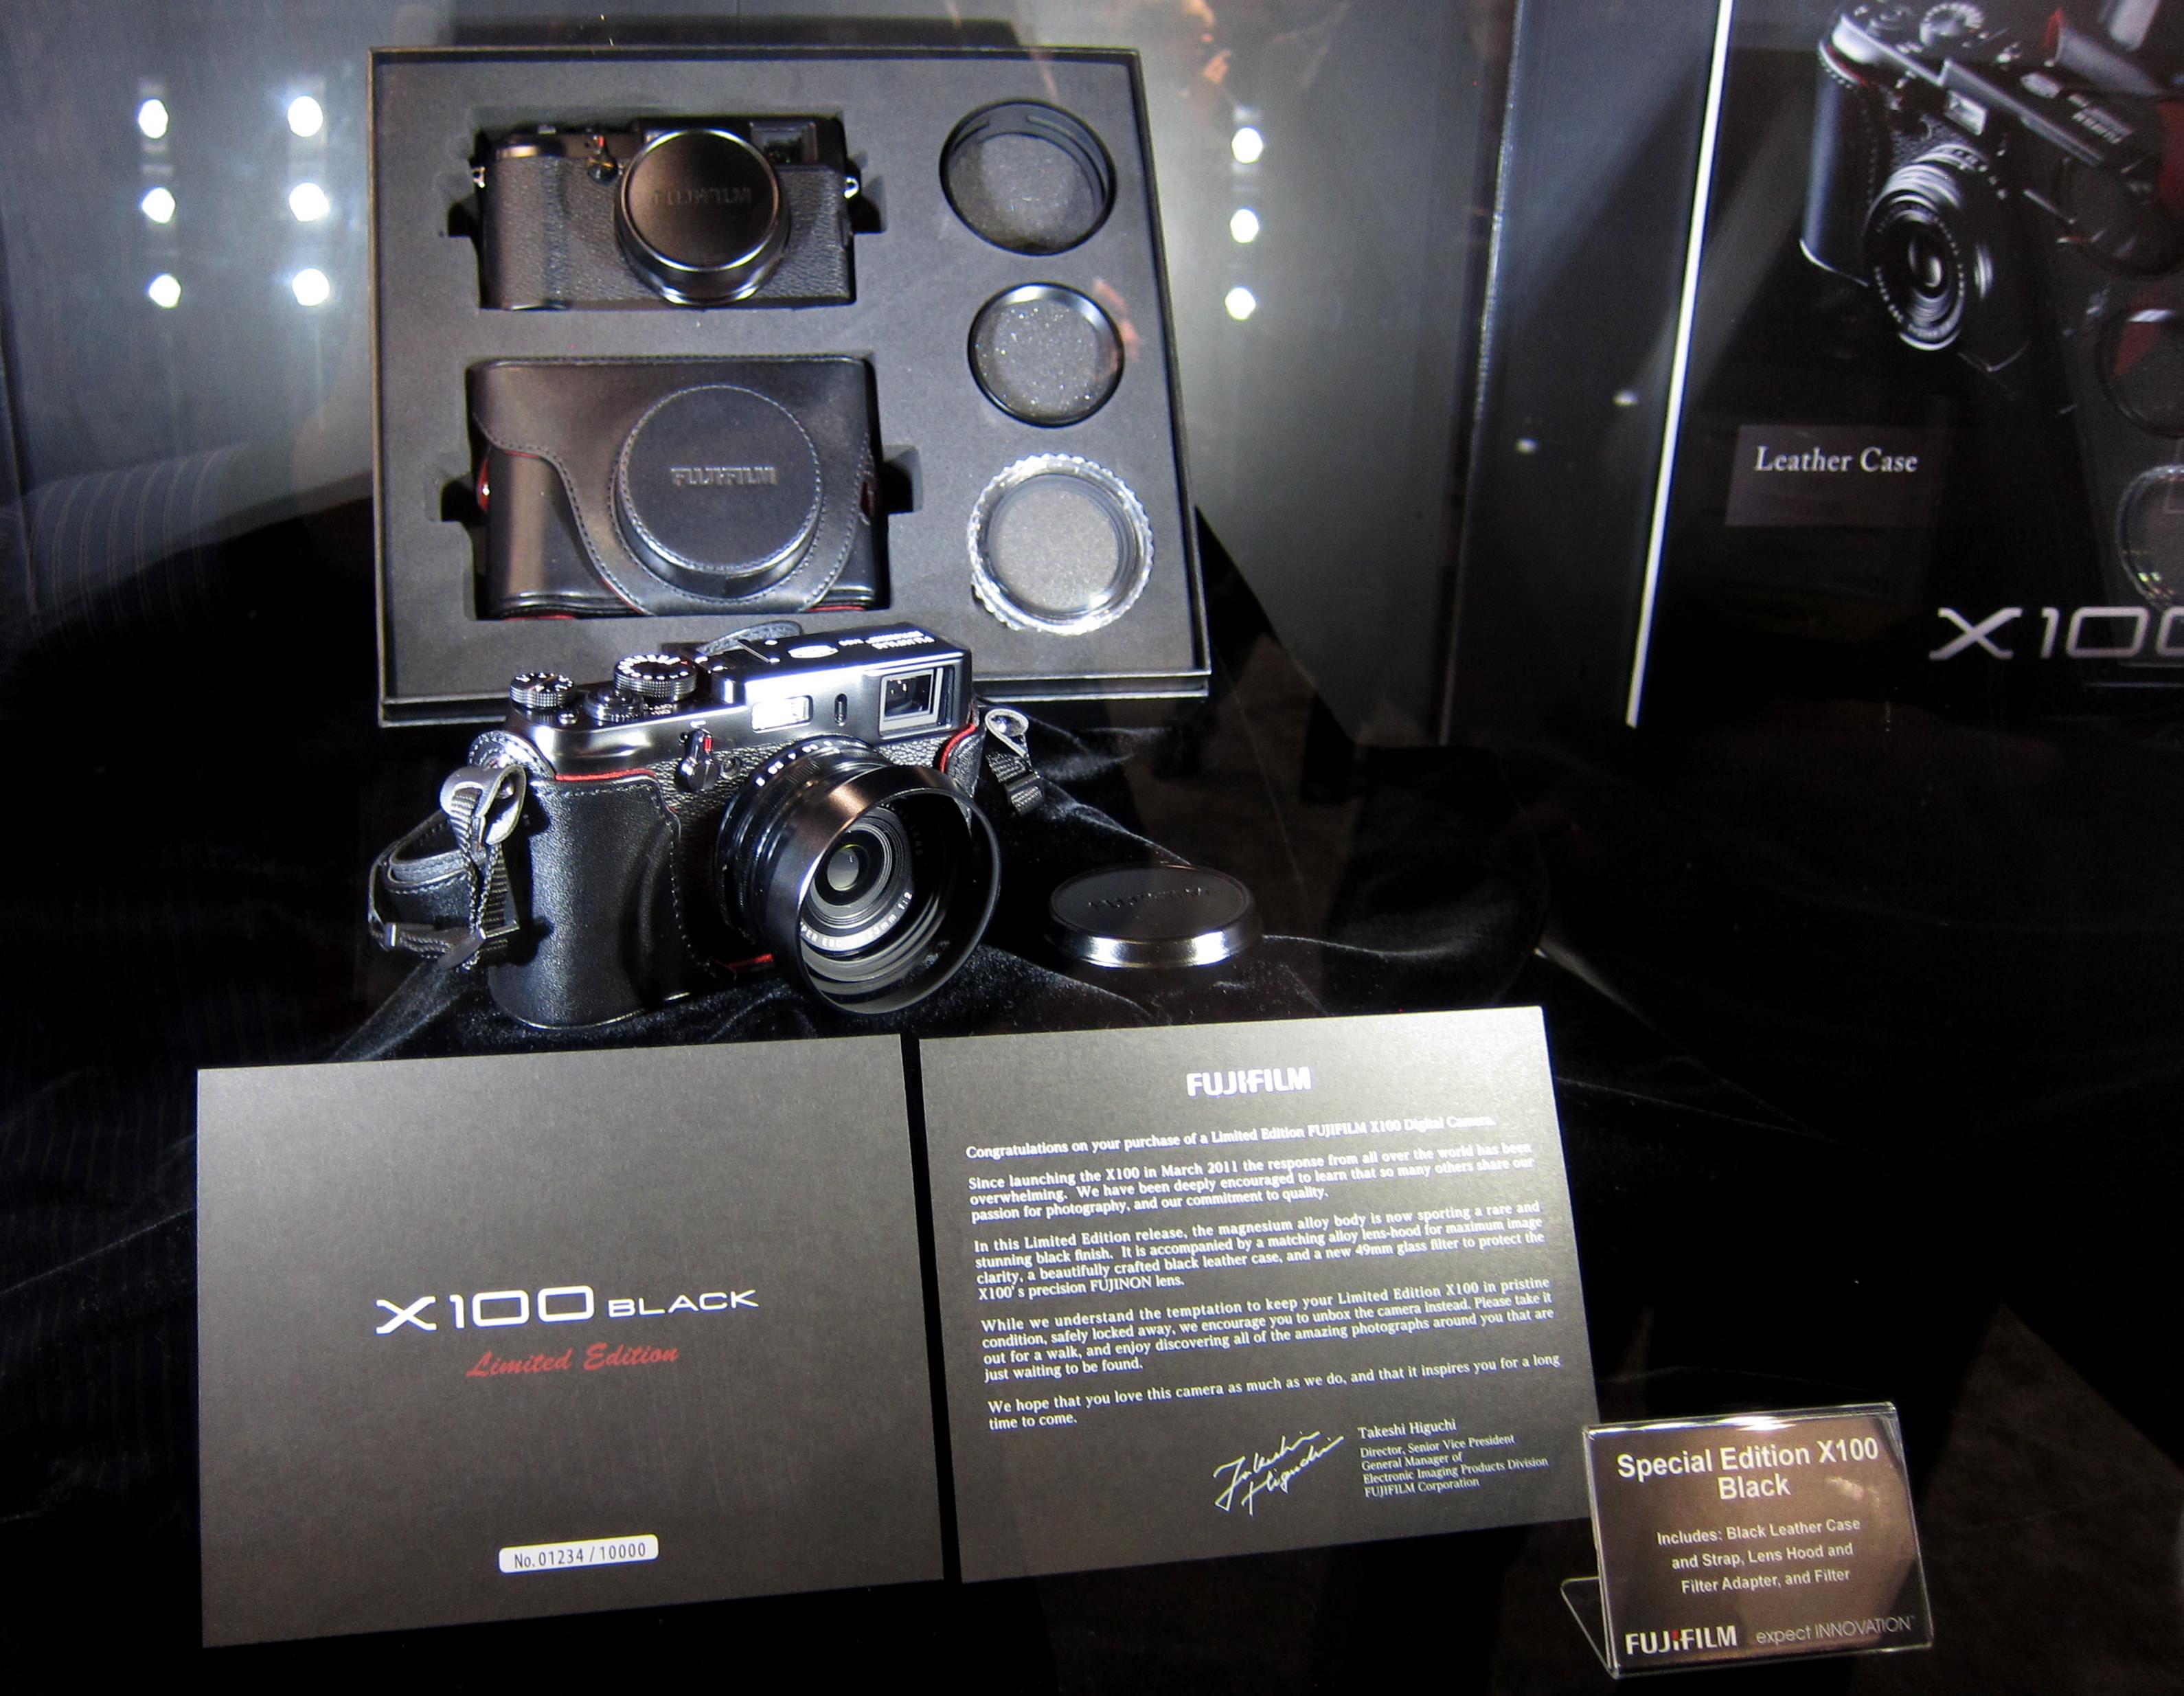 Fujifilm X100 Black Limited Edition | ePHOTOzine